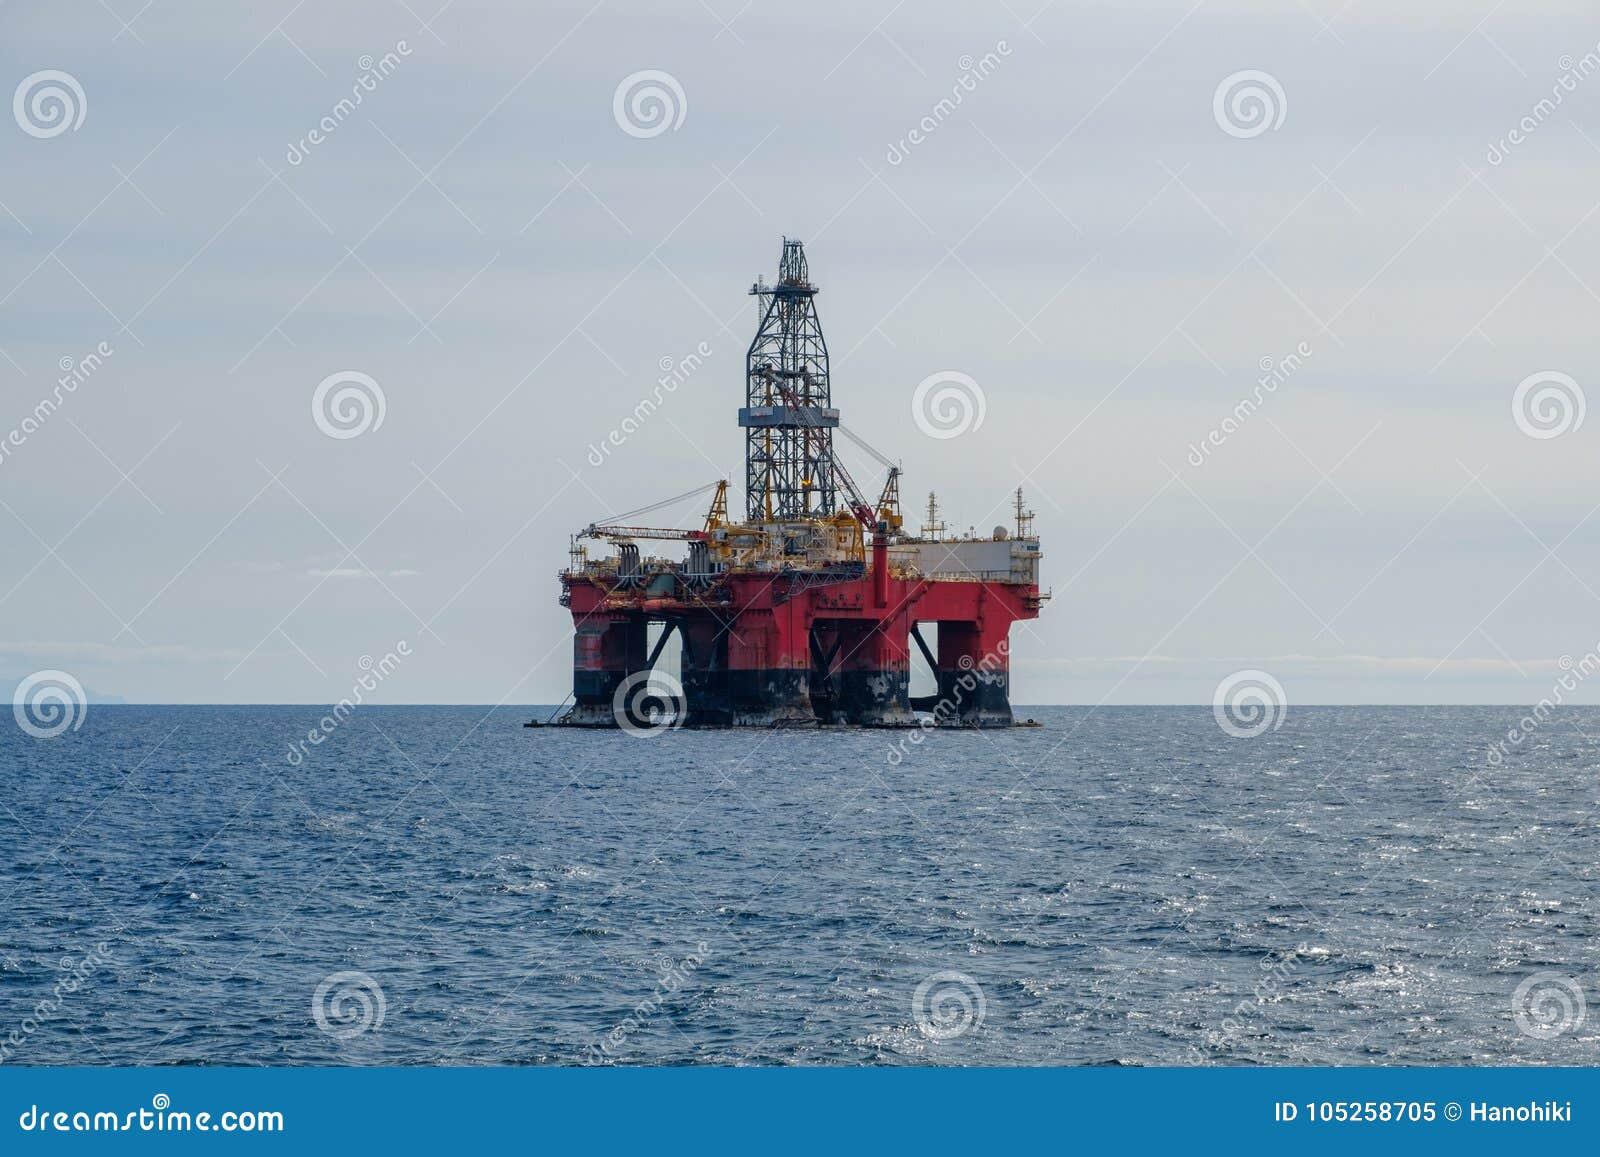 钻platfom,抽油装置,近海钻子平台